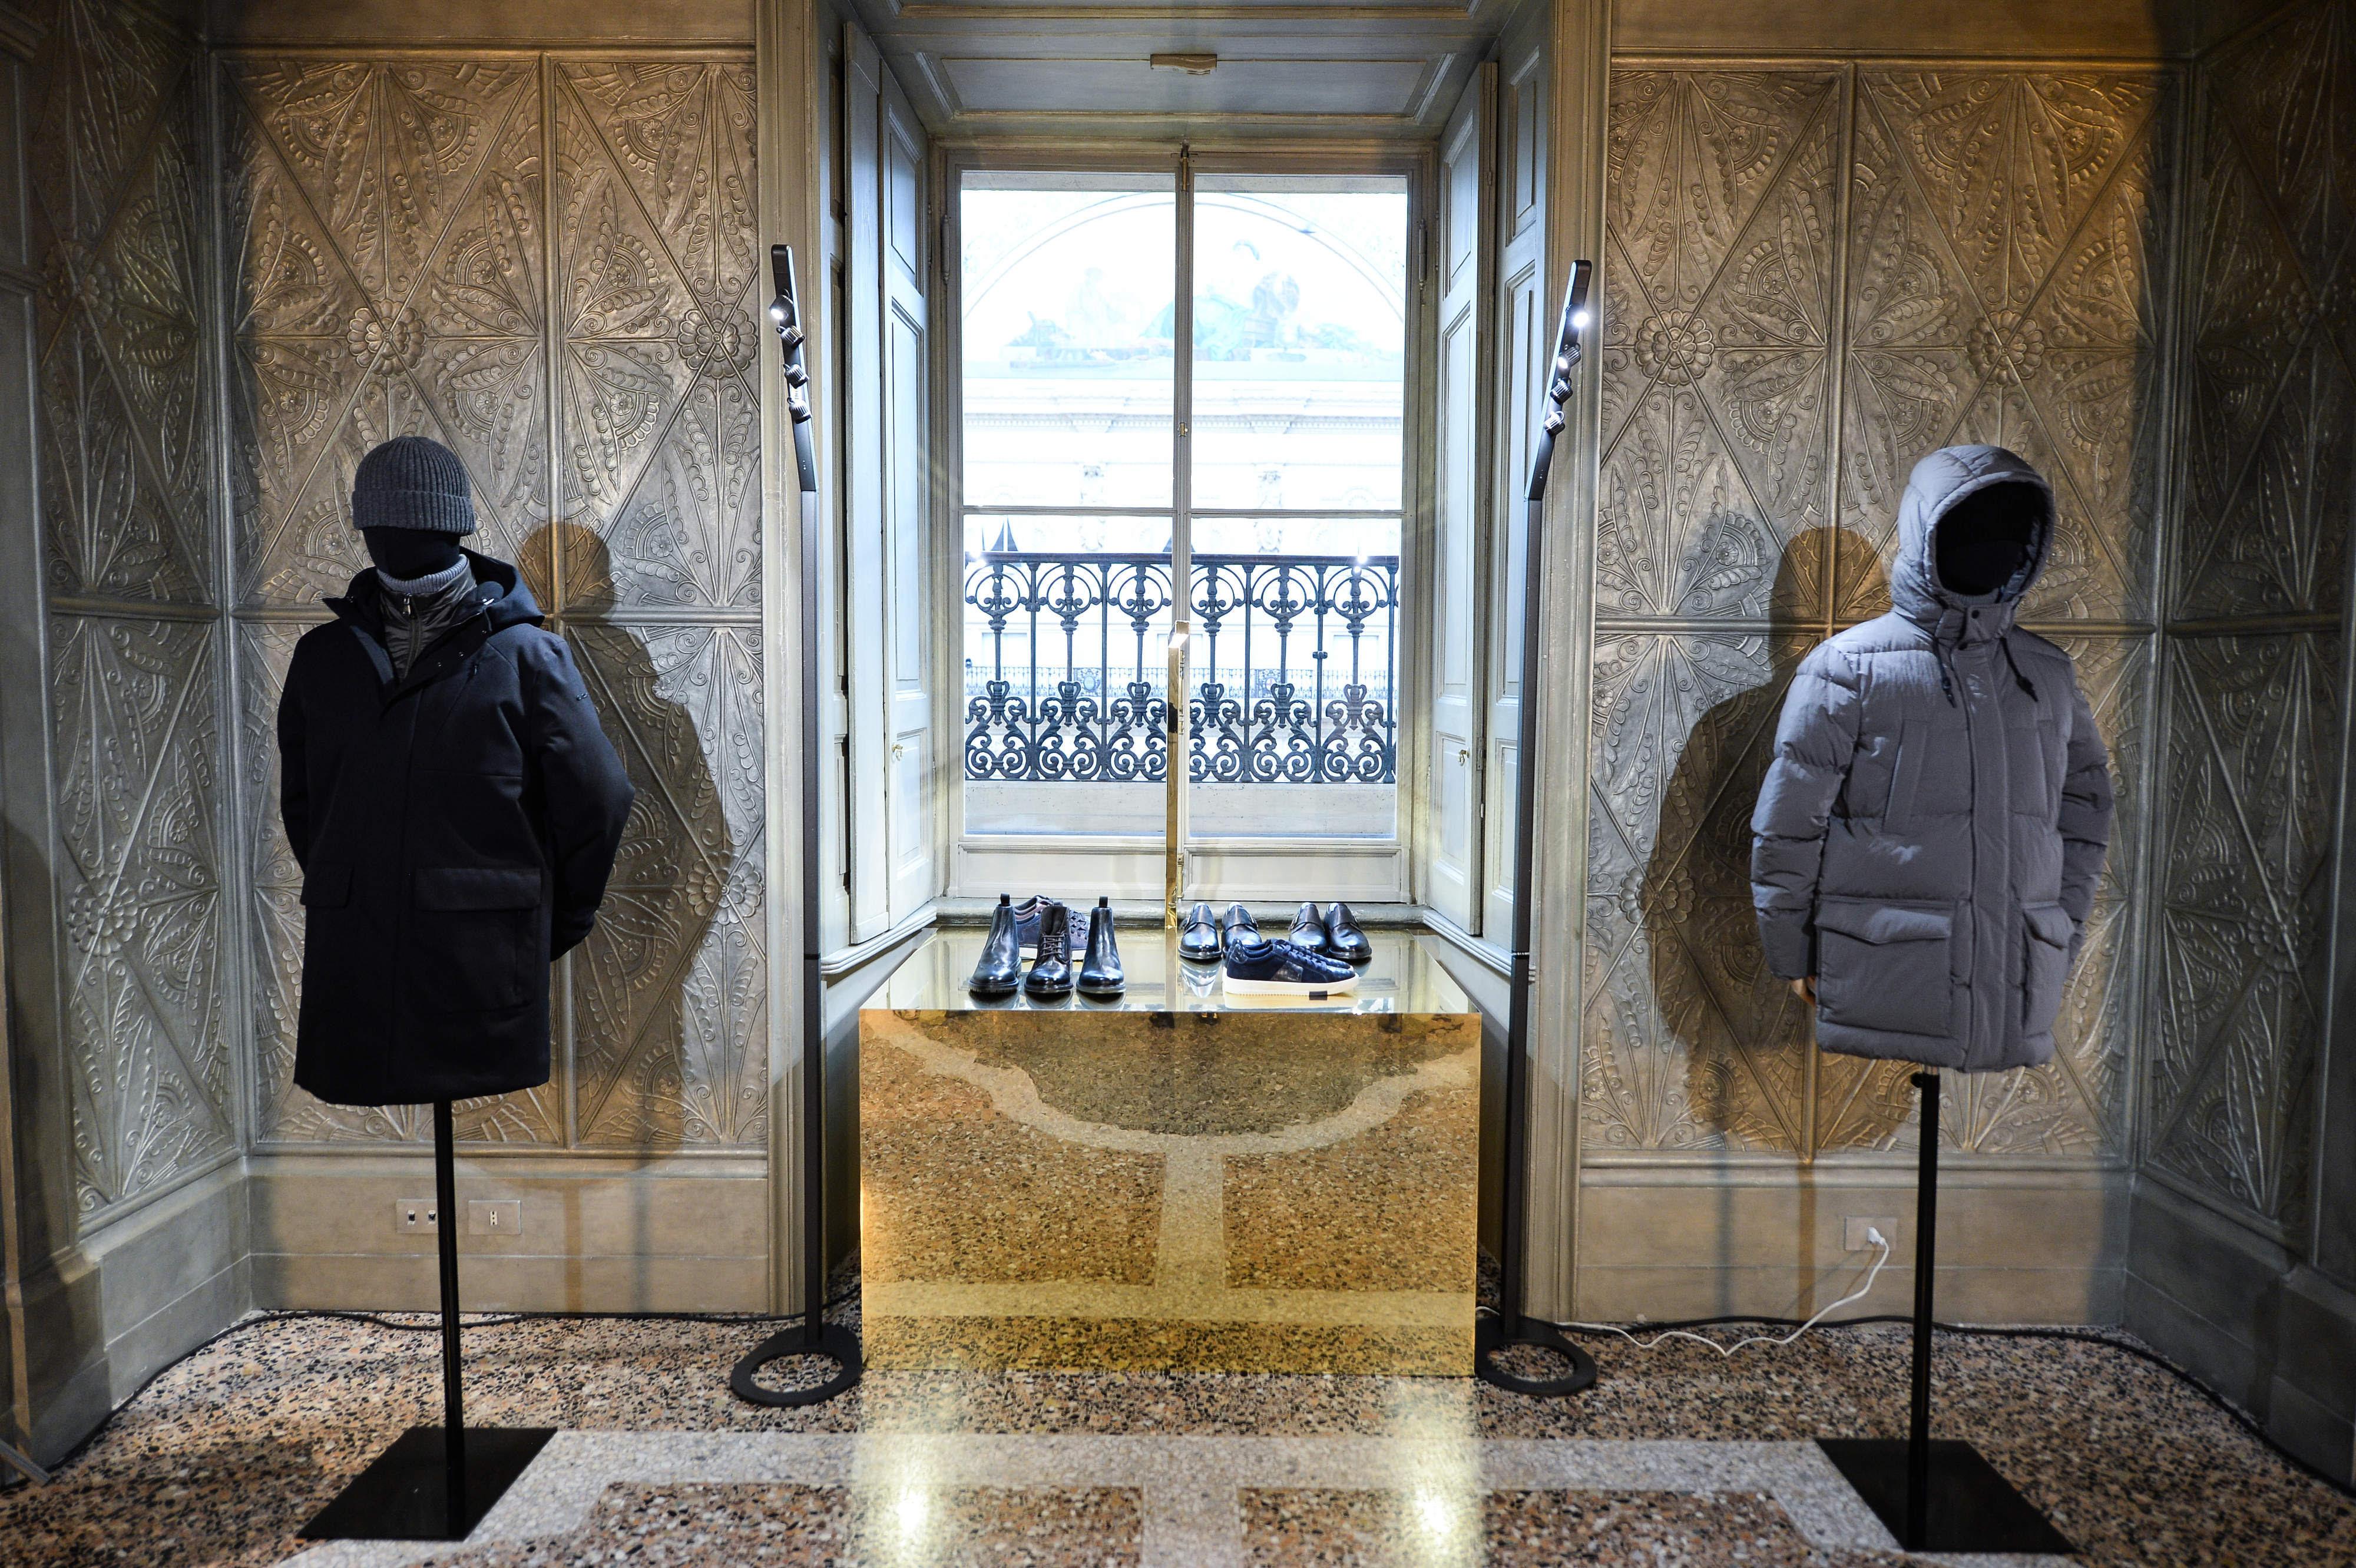 7d3167ed 3ee9 44c7 b0ea 47ae9f2583cc - Geox presenta su colección para hombre Otoño/Invierno 2020 de calzado y prendas exteriores